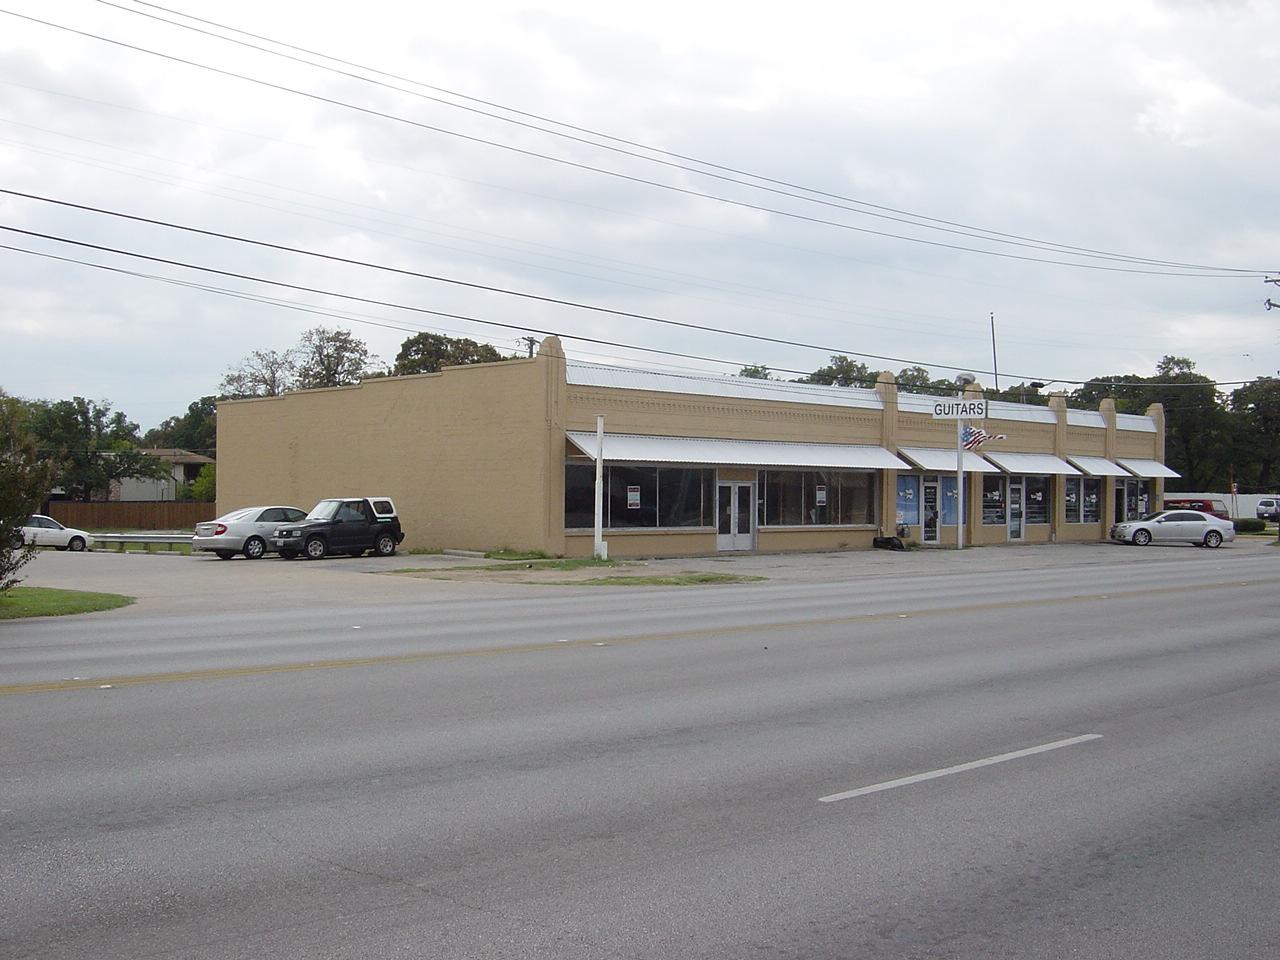 5606 E Belknap street view